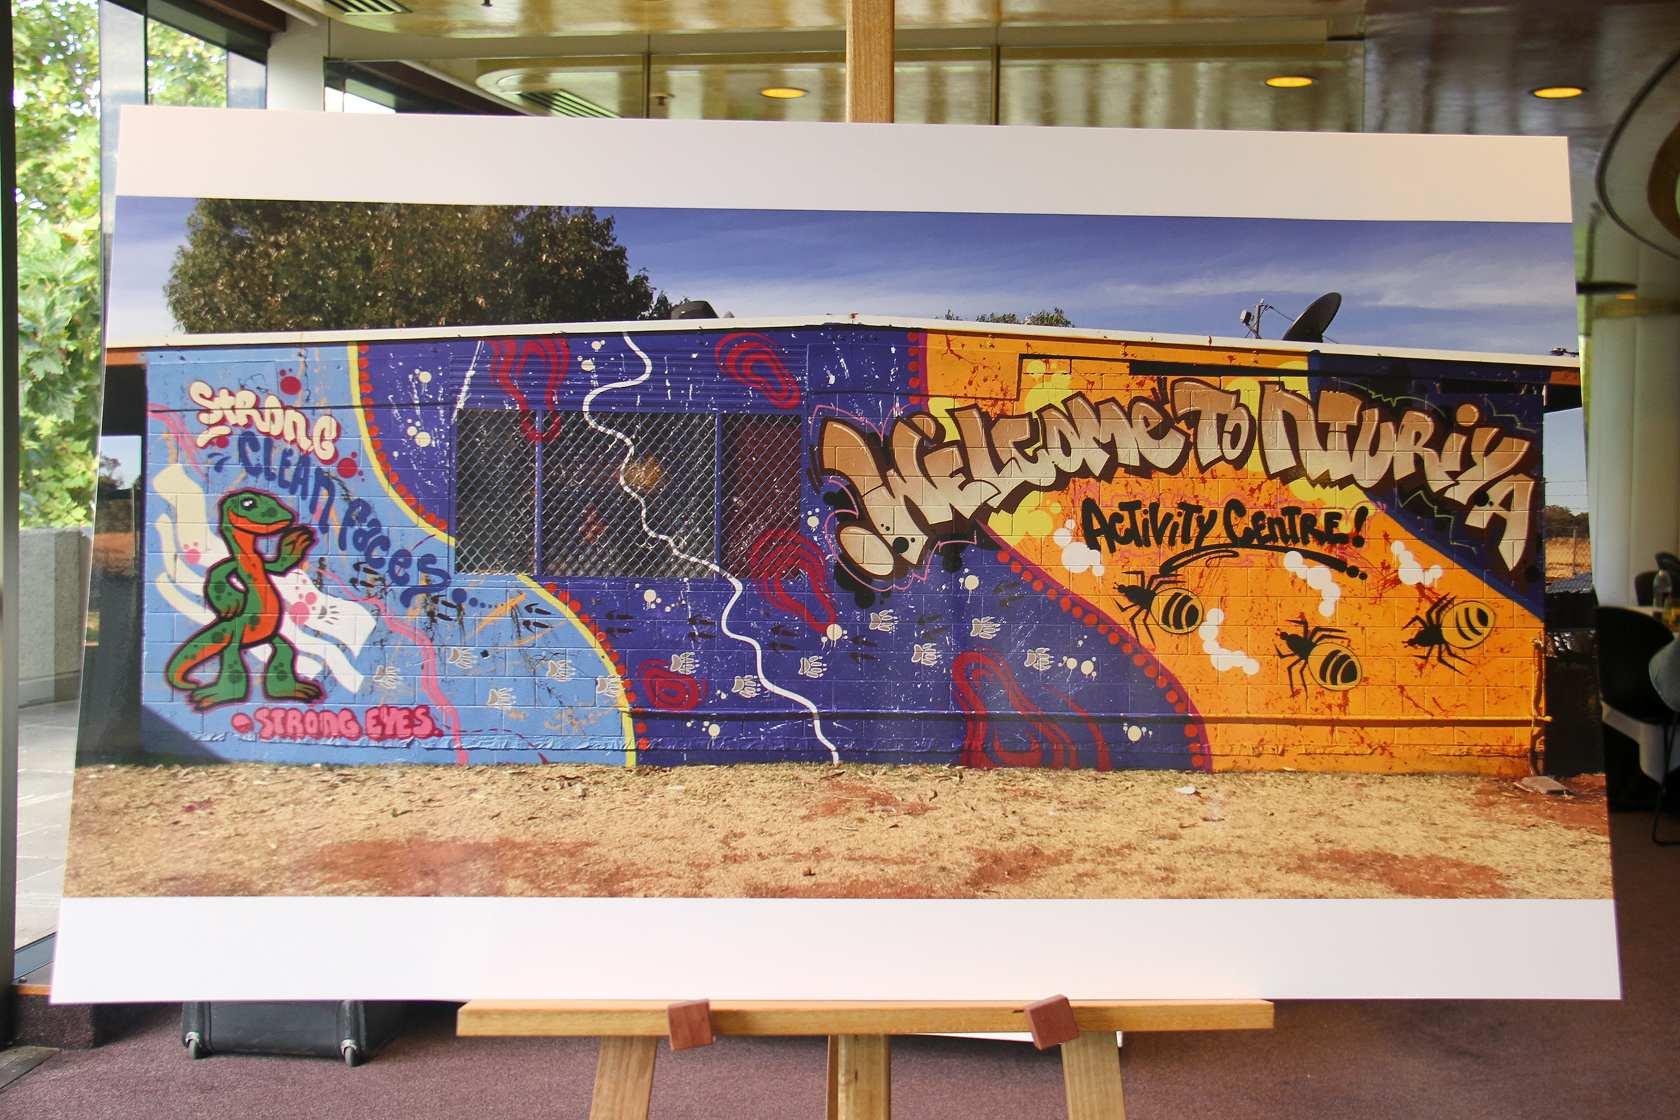 honeypot ant graffiti mural